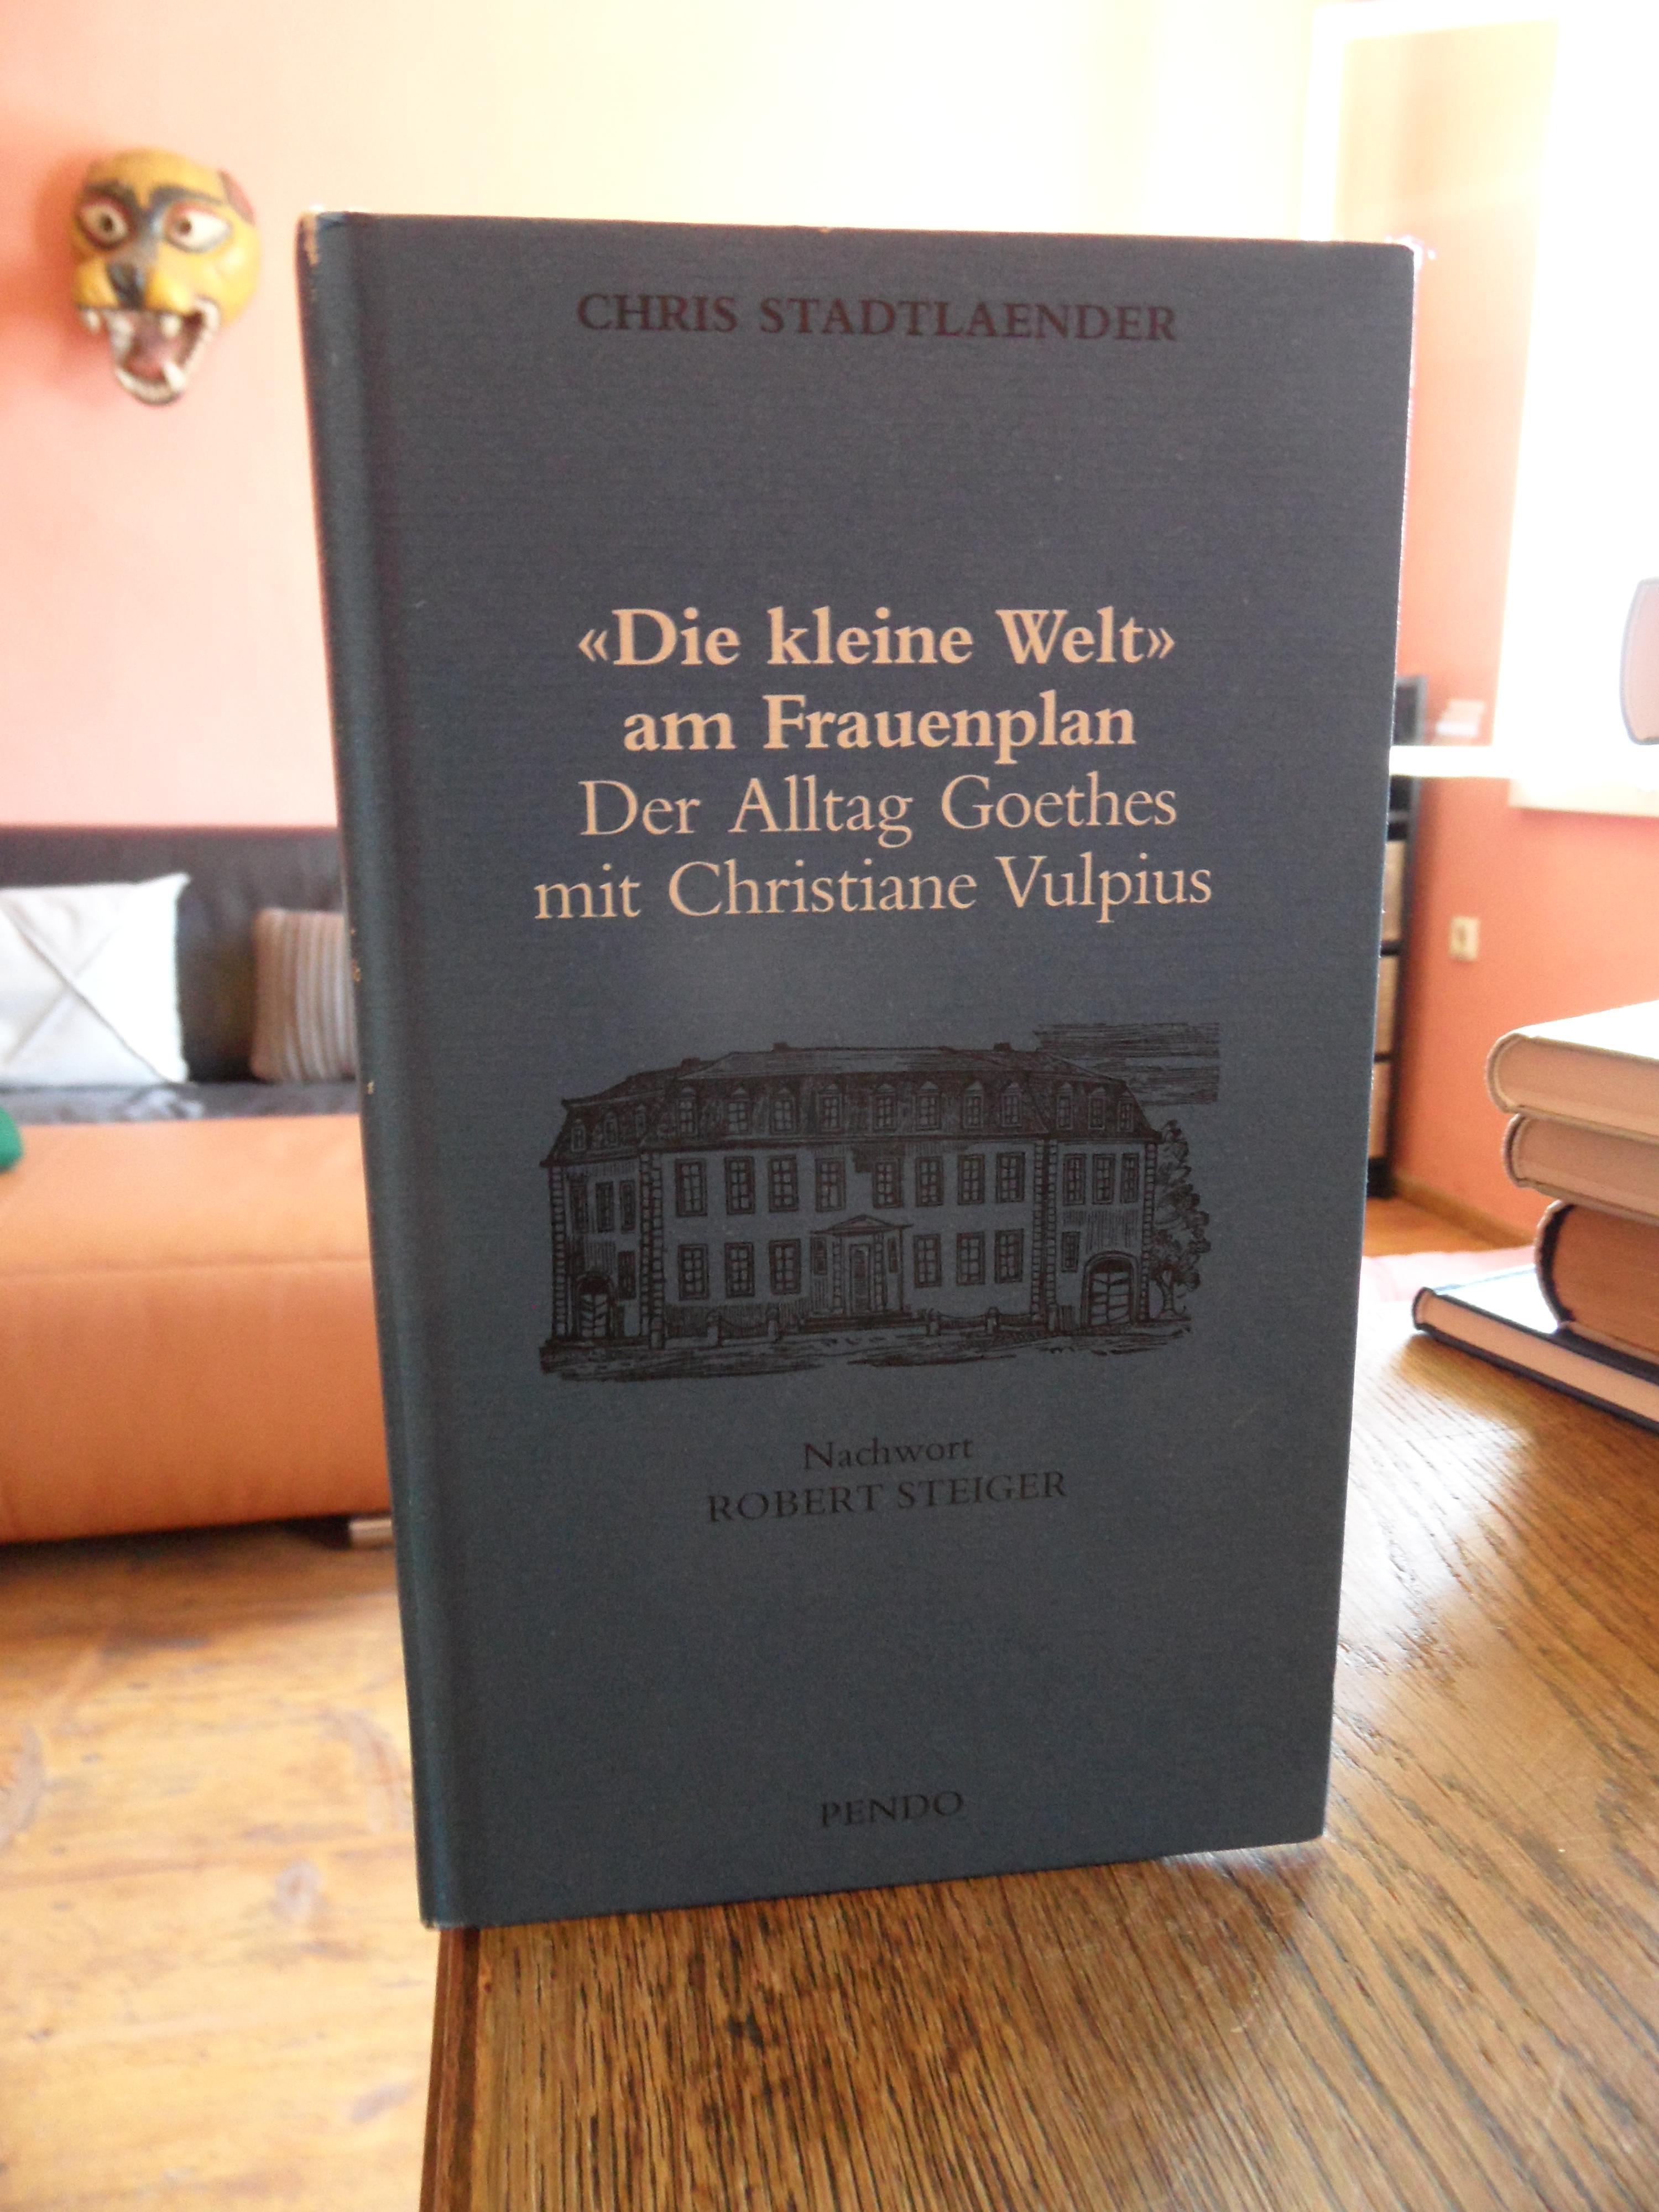 Die kleine Welt am Frauenplan. Der Alltag Goethes mit Christiane Vulpius. Nachwort Robert Steiger. - Stadtlaender, Chris